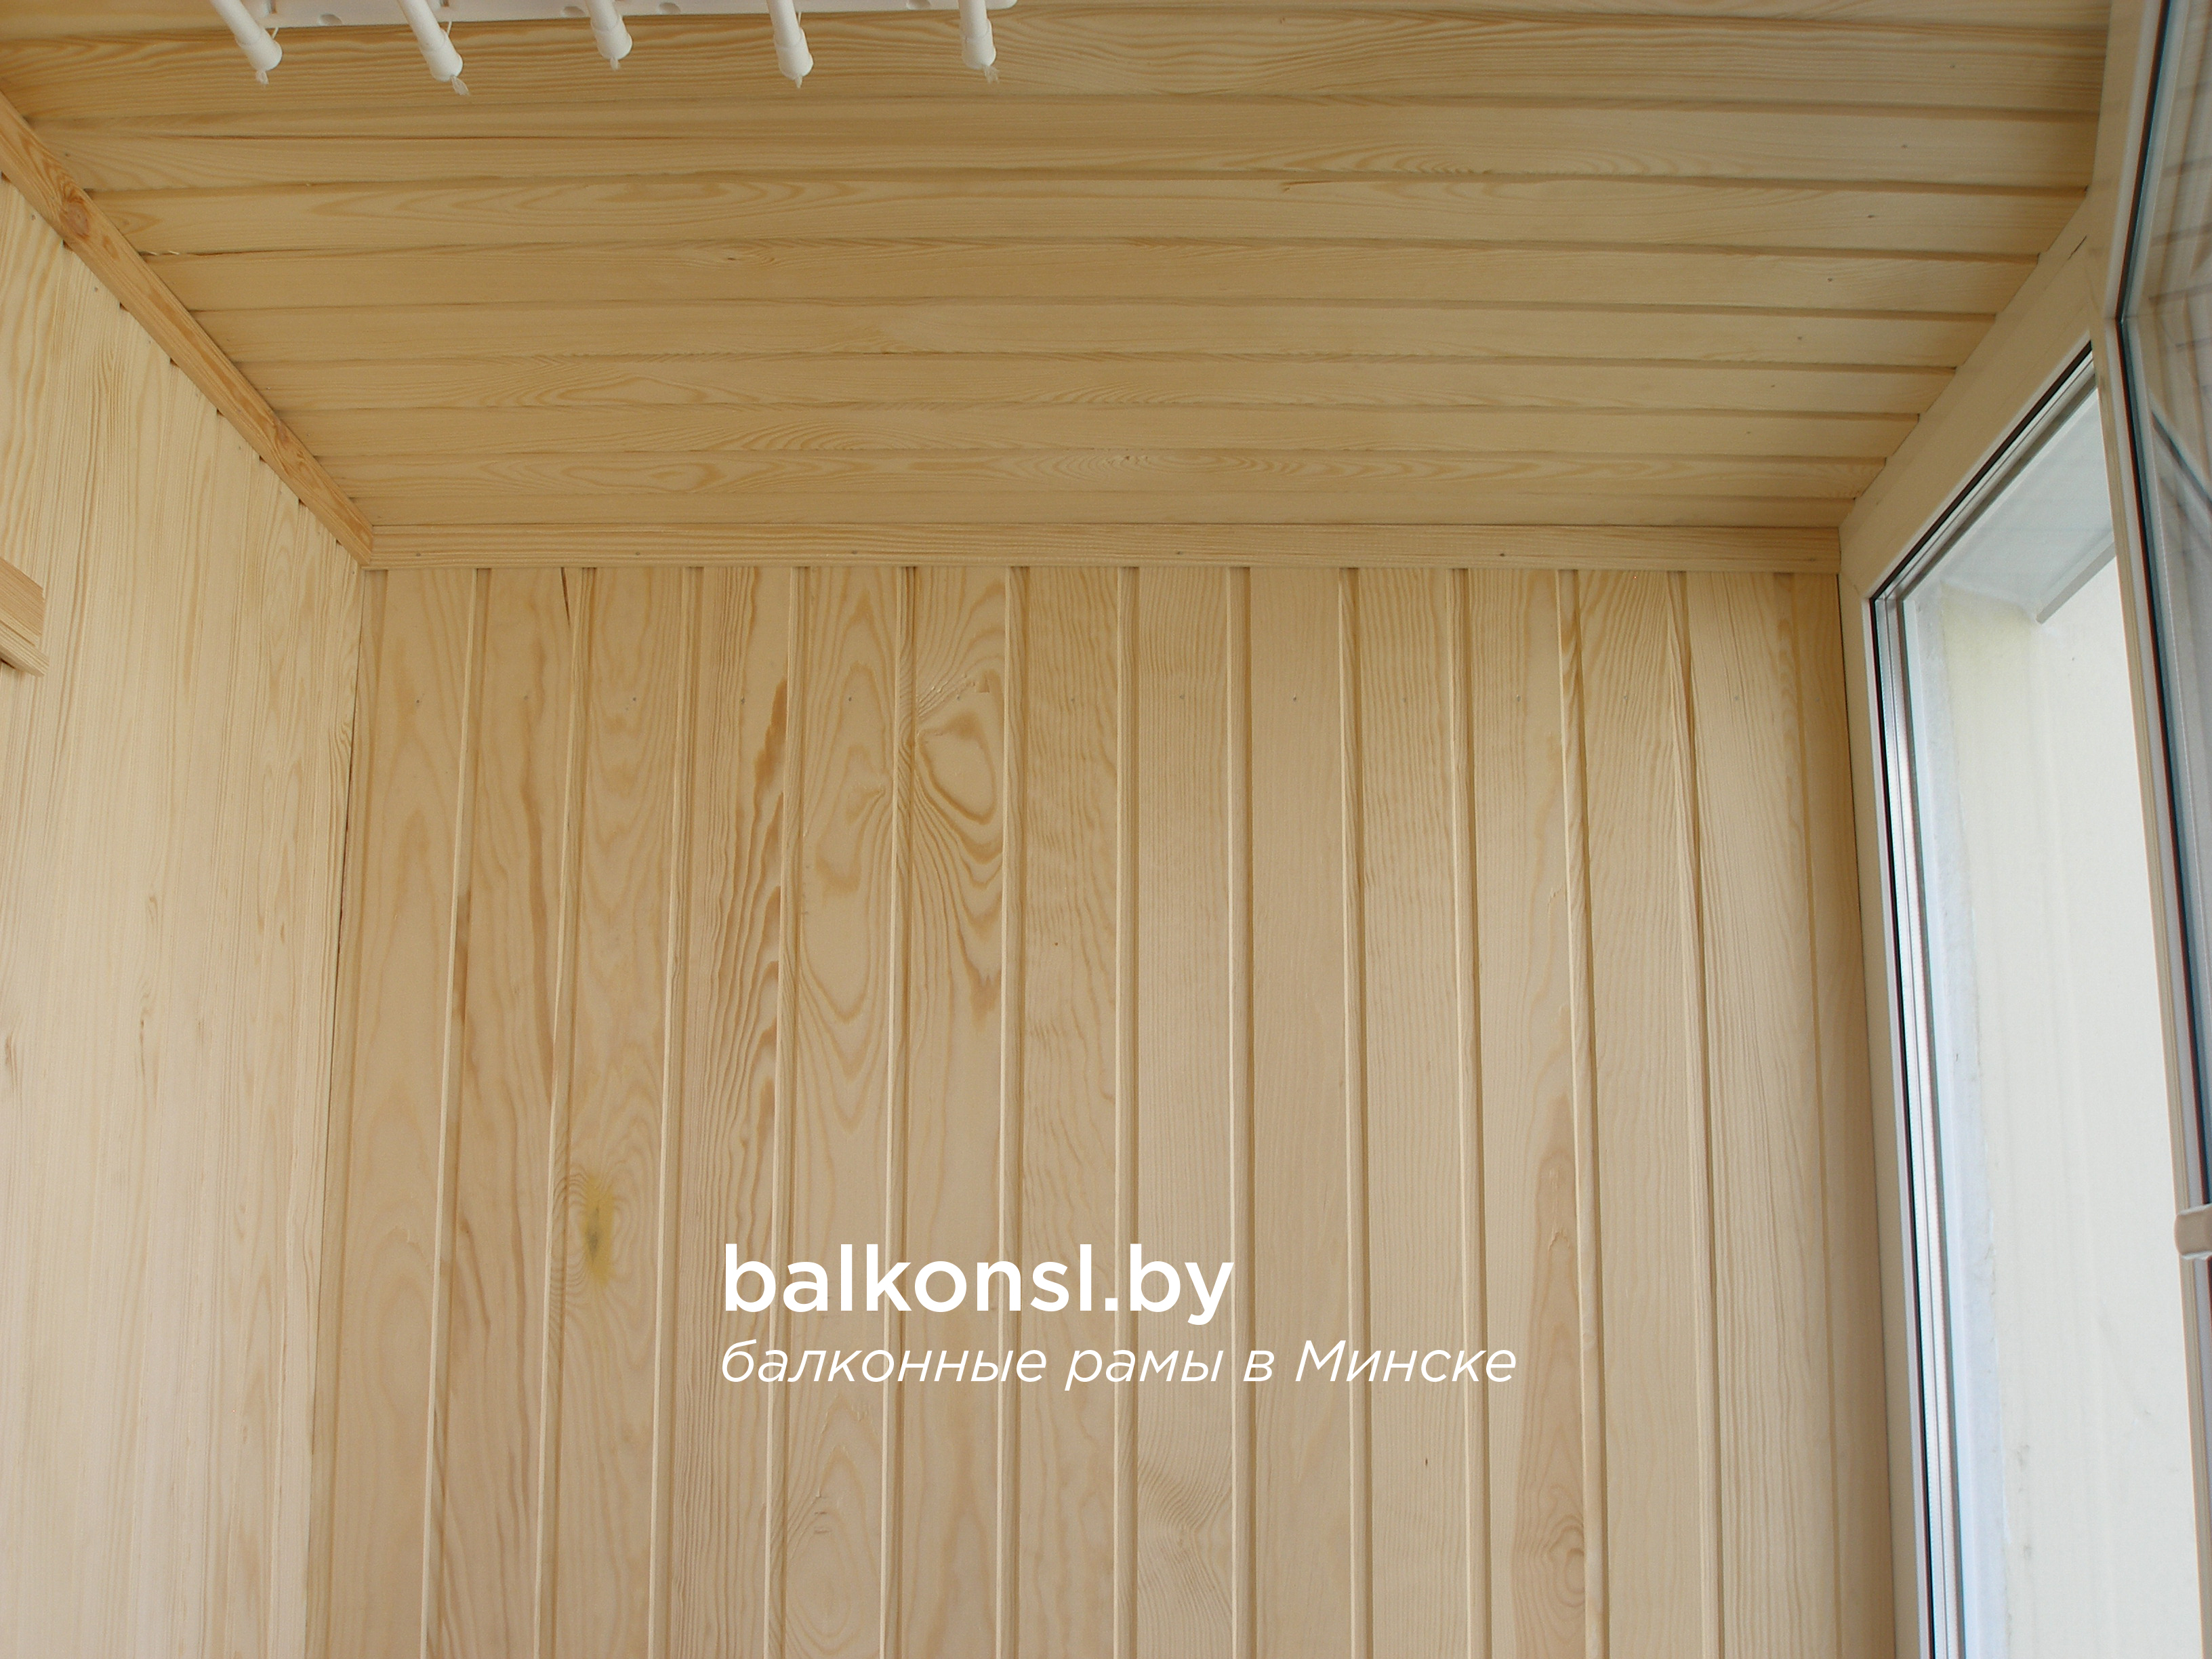 Шкафы на балкон. заказать мебель на балкон. обшивка балкона .